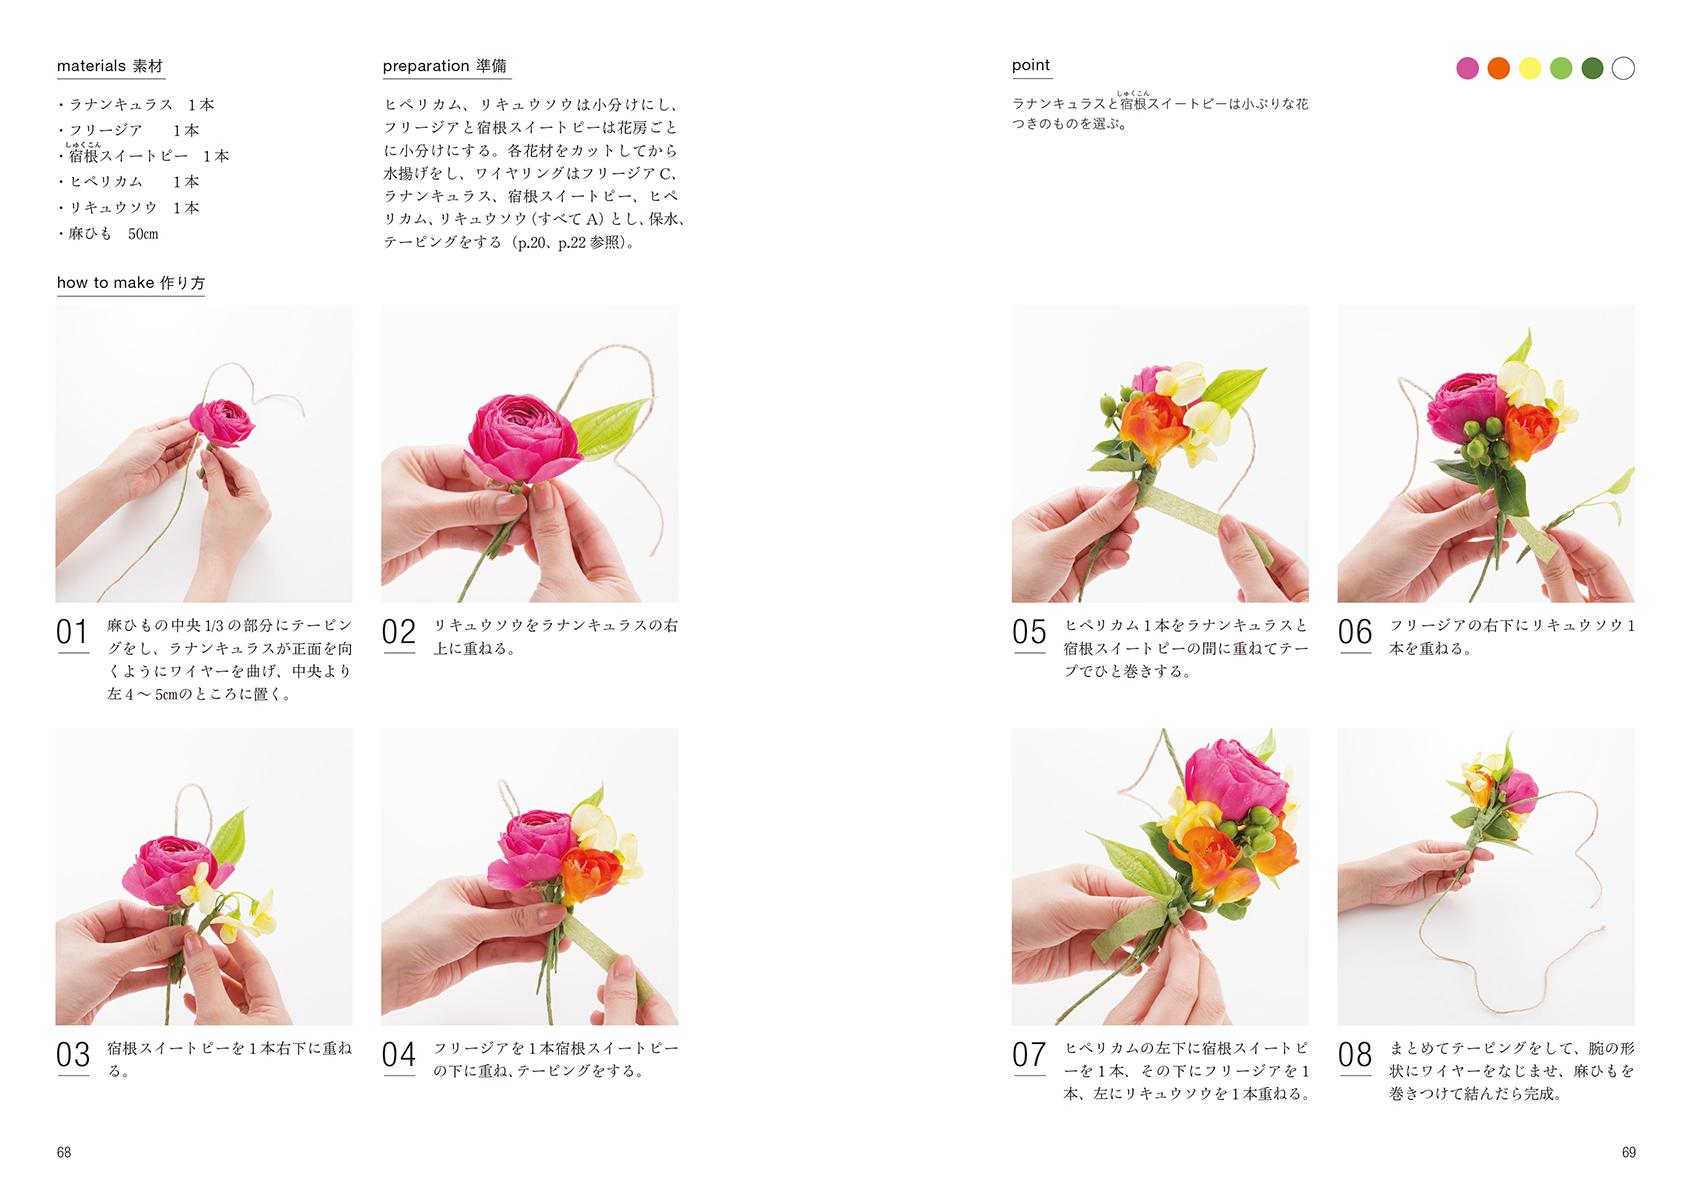 【送料無料】『小さな花飾りの本』 [書籍] - 画像5